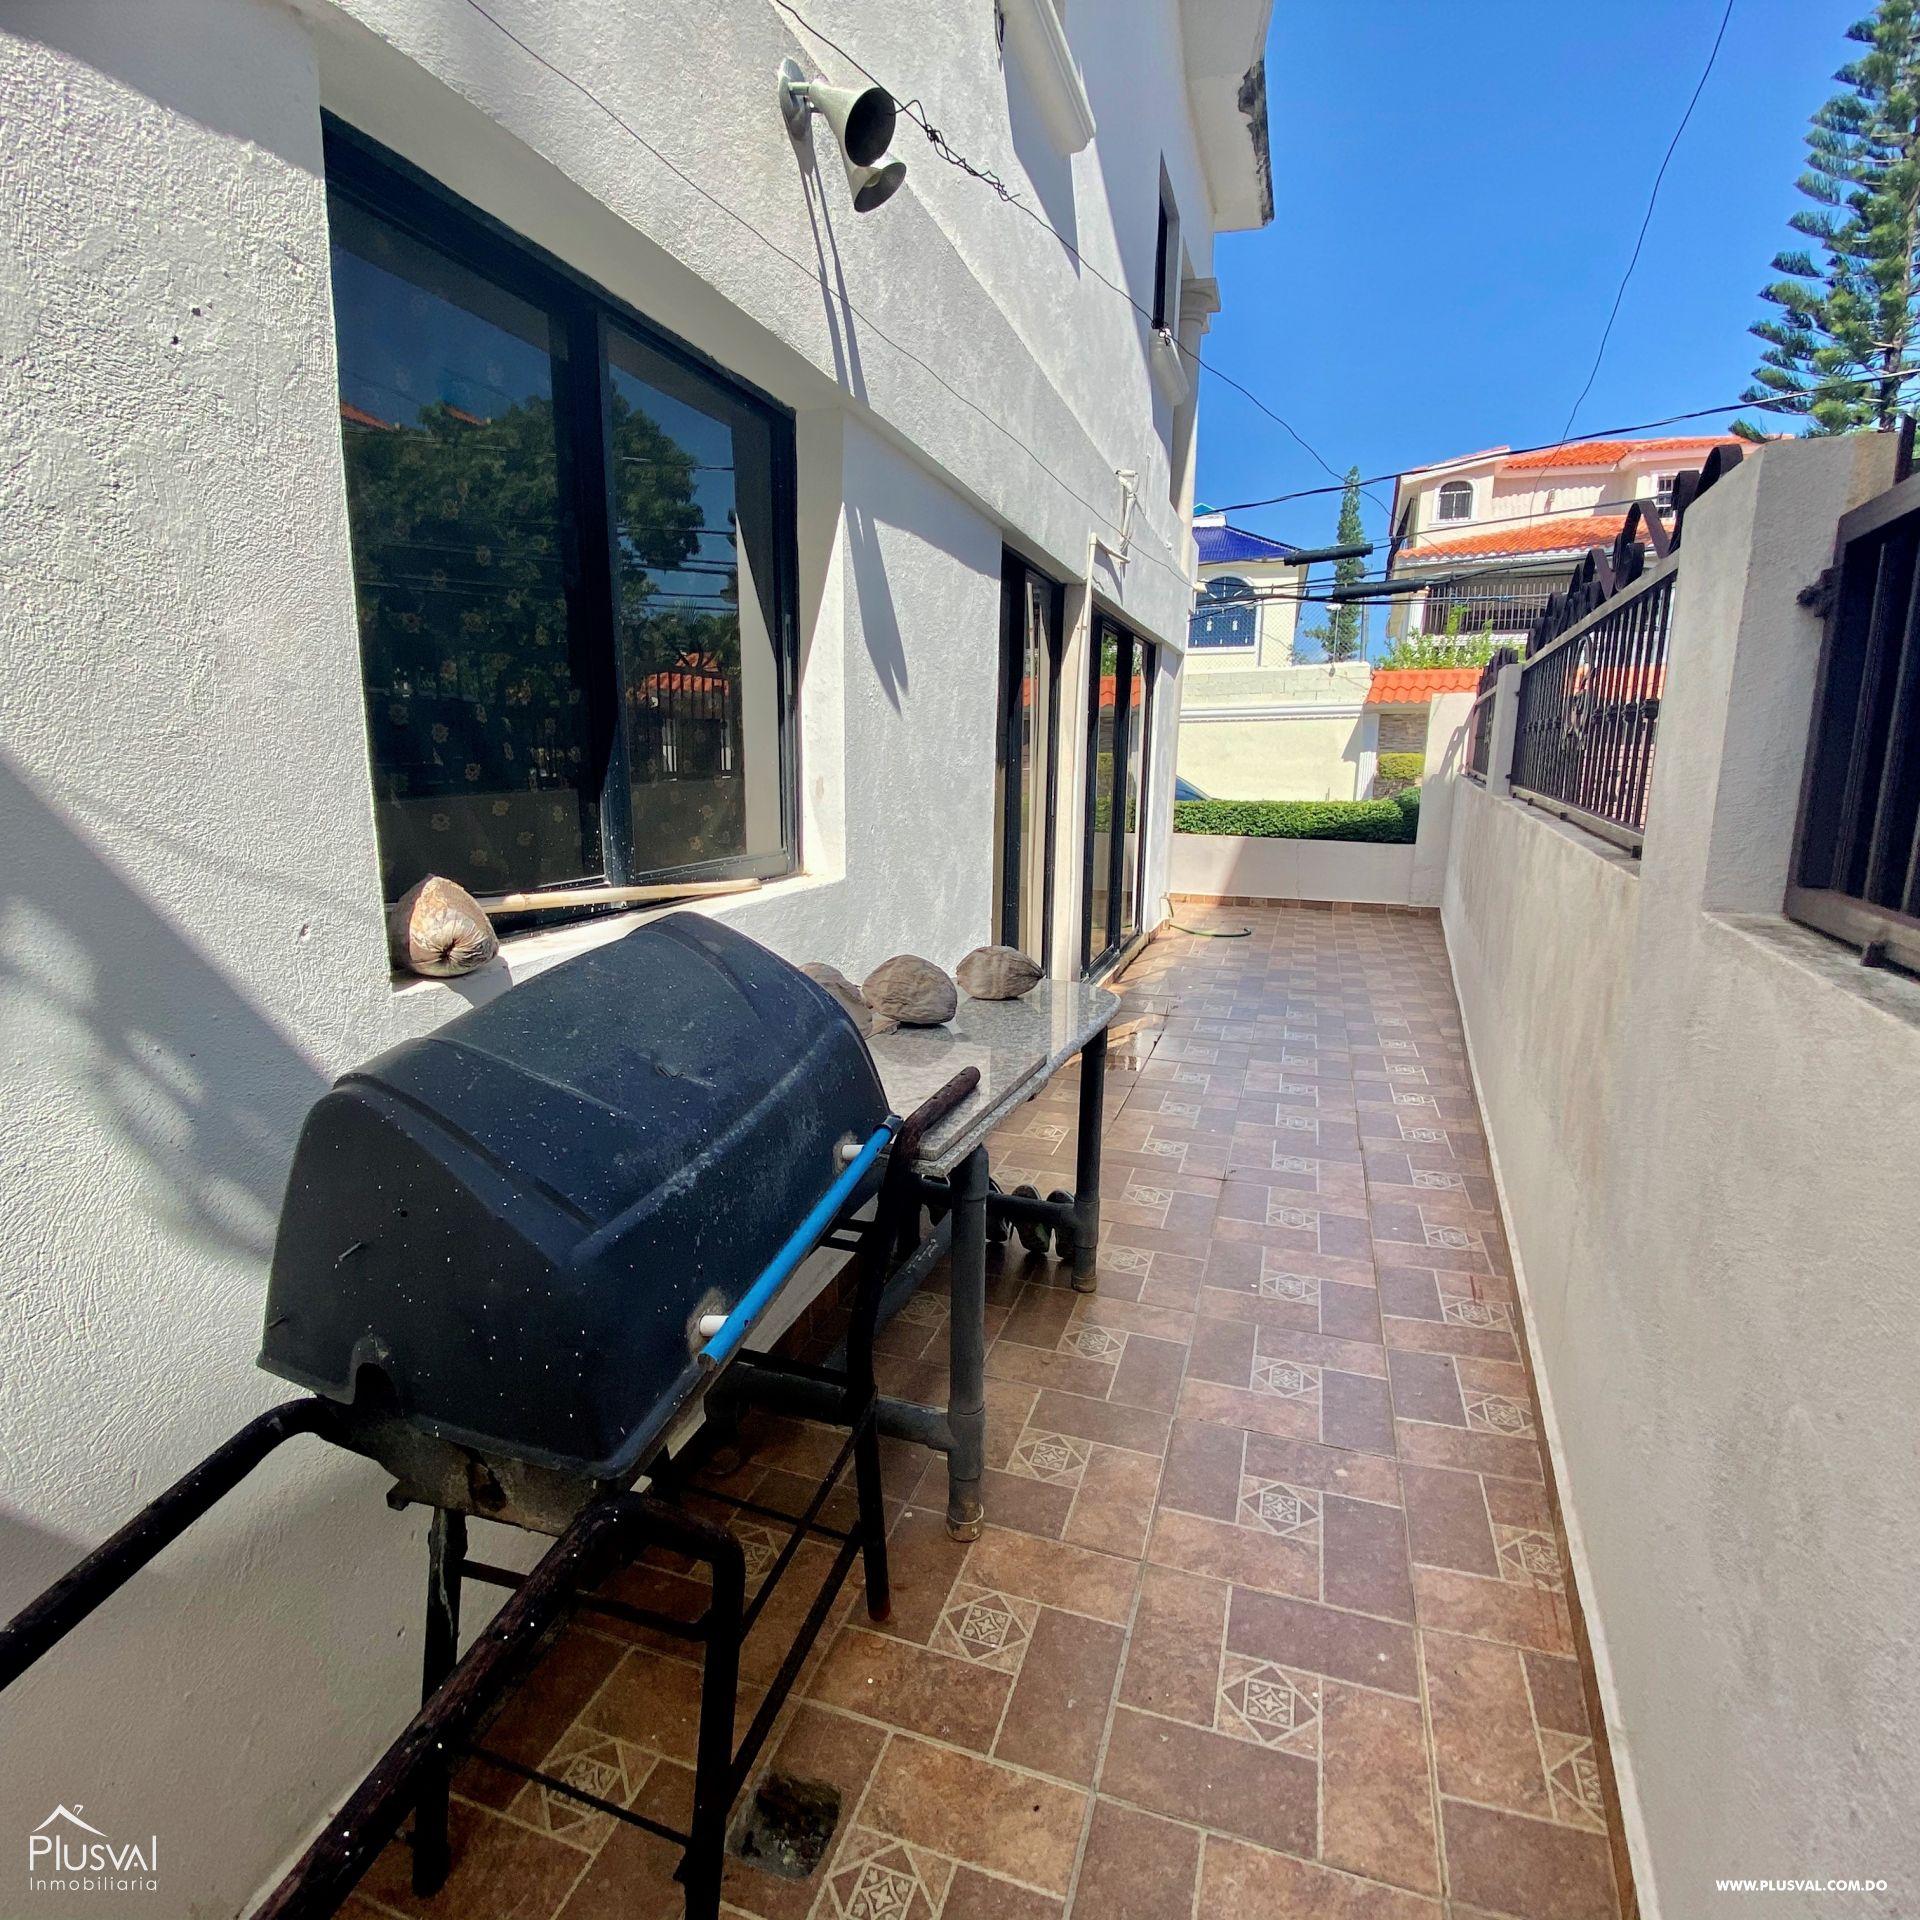 Casa en Venta de Dos Niveles en la Autopista San Isidro 151139